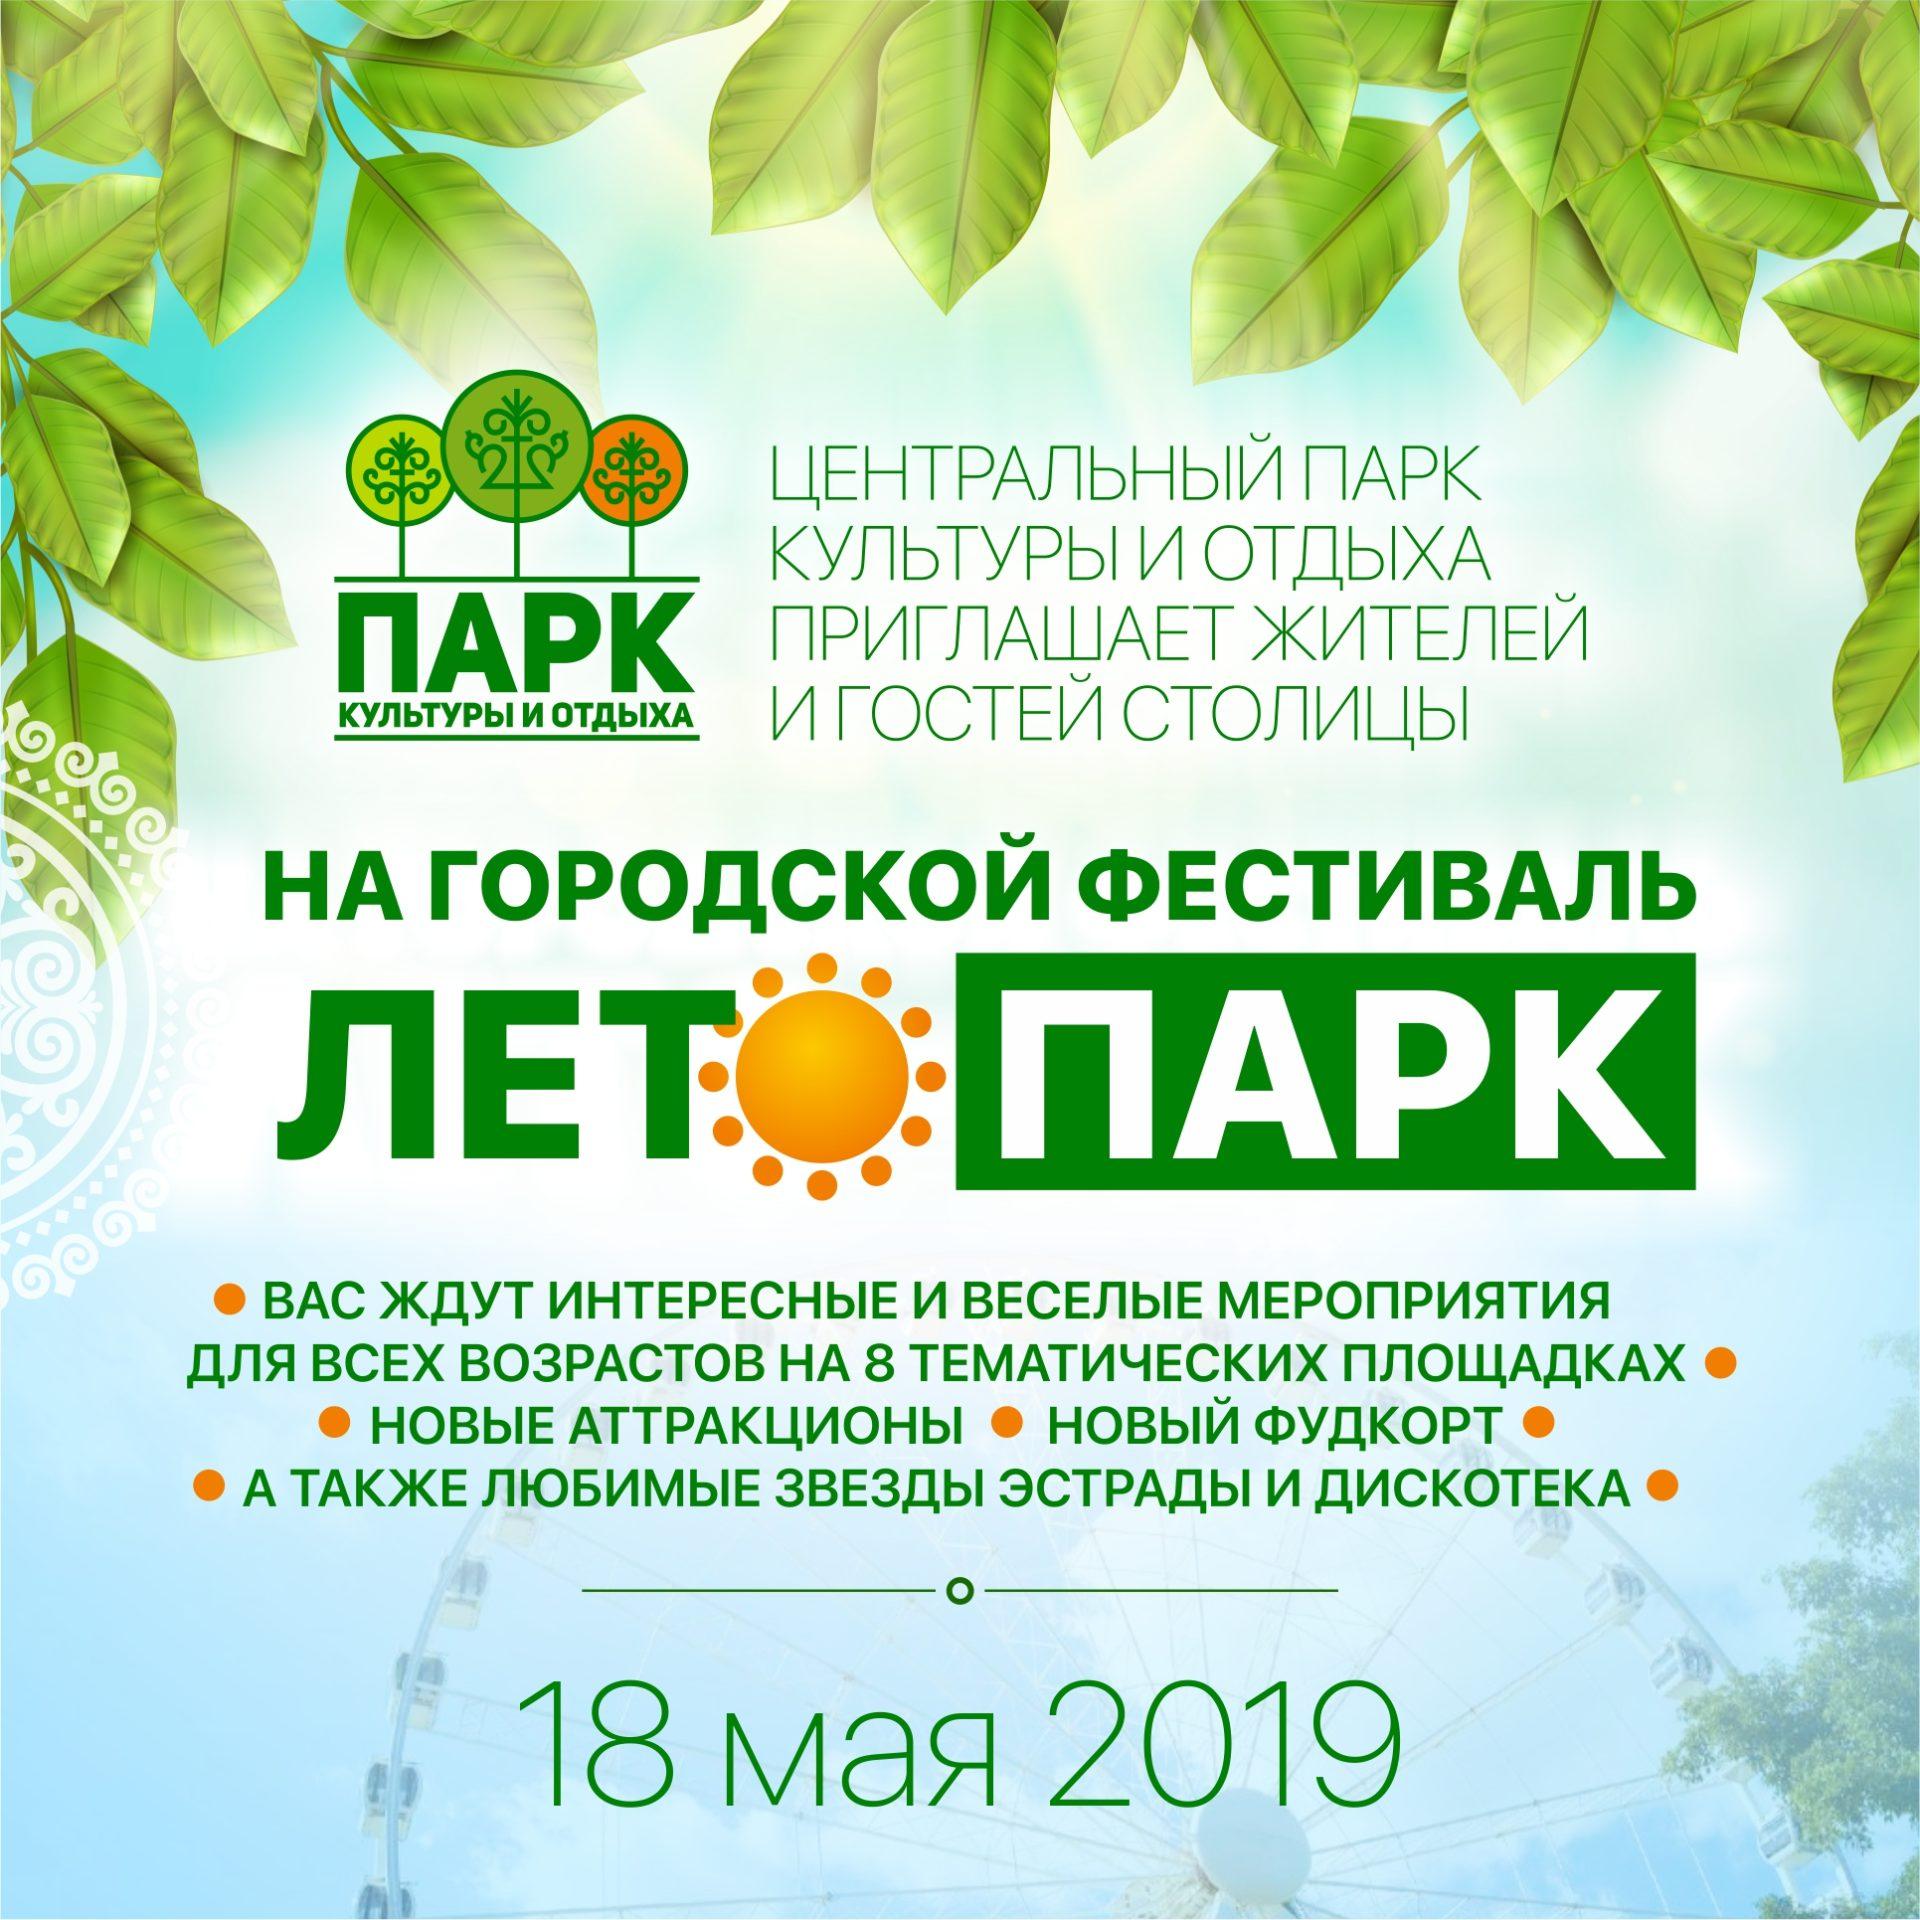 Программа открытия сезона-2019  « ЛетоПАРК»